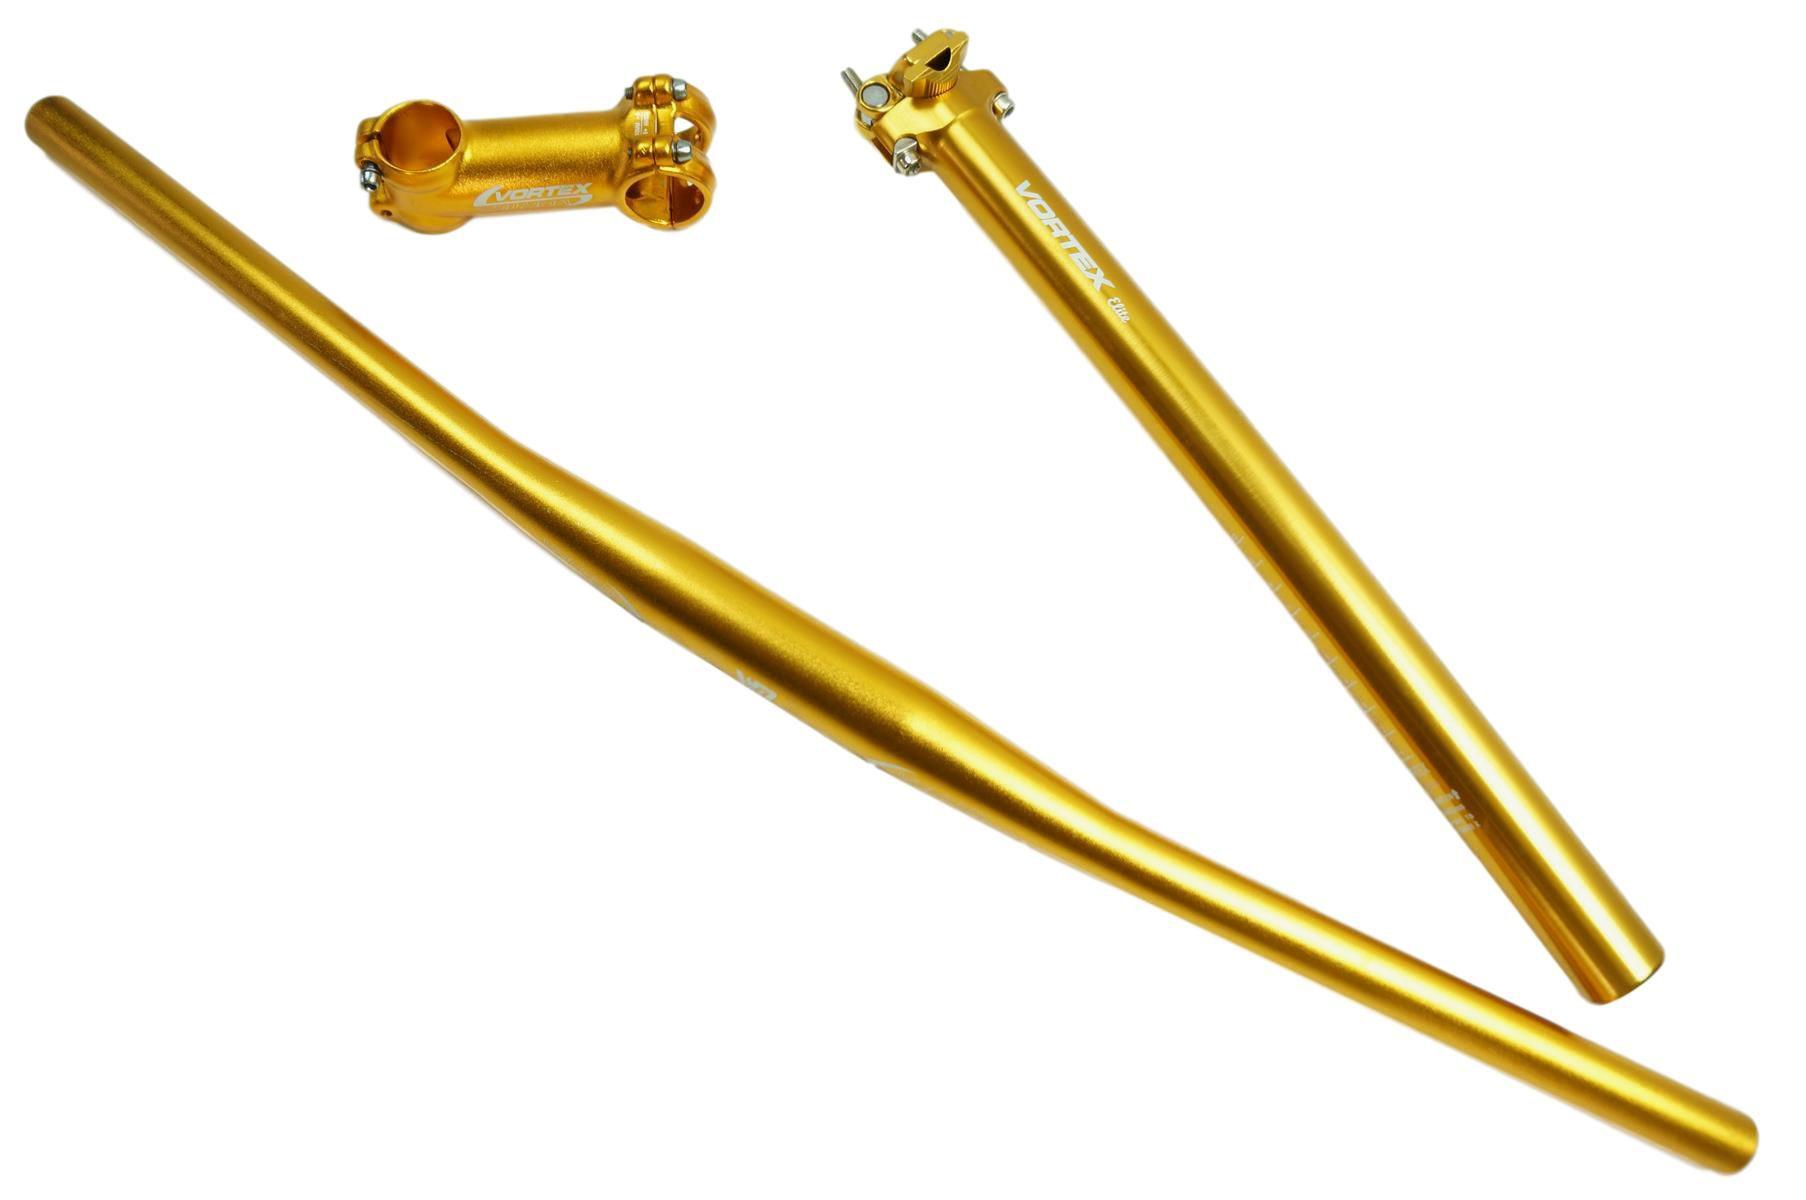 Kit Bicicleta MTB Vortex com Guidão Mesa e Canote 31.6mm em Aluminio Cor Dourado